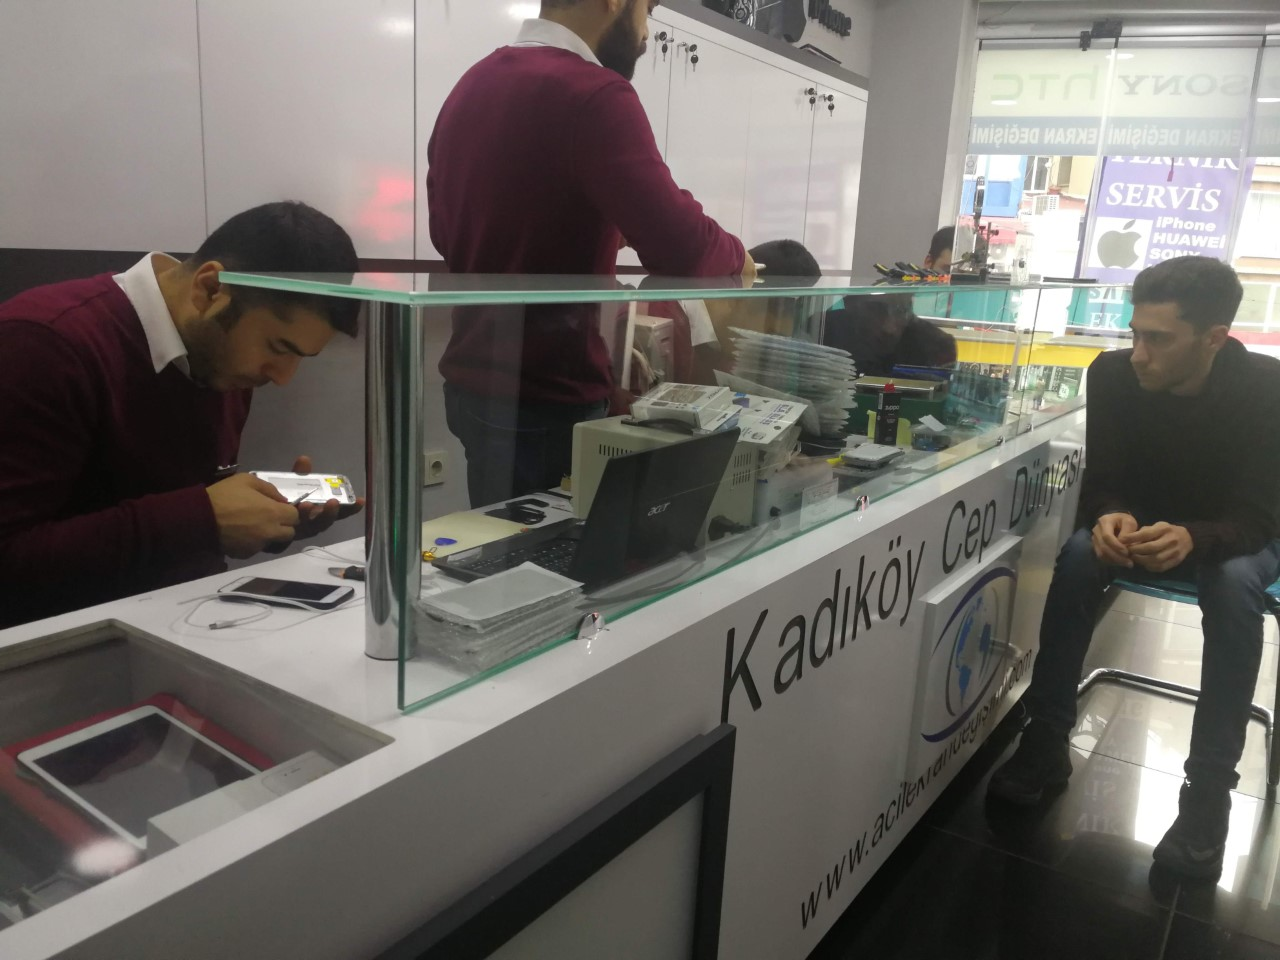 a9 pro ekran değişimi fiyatı kadıköy cep dünyası